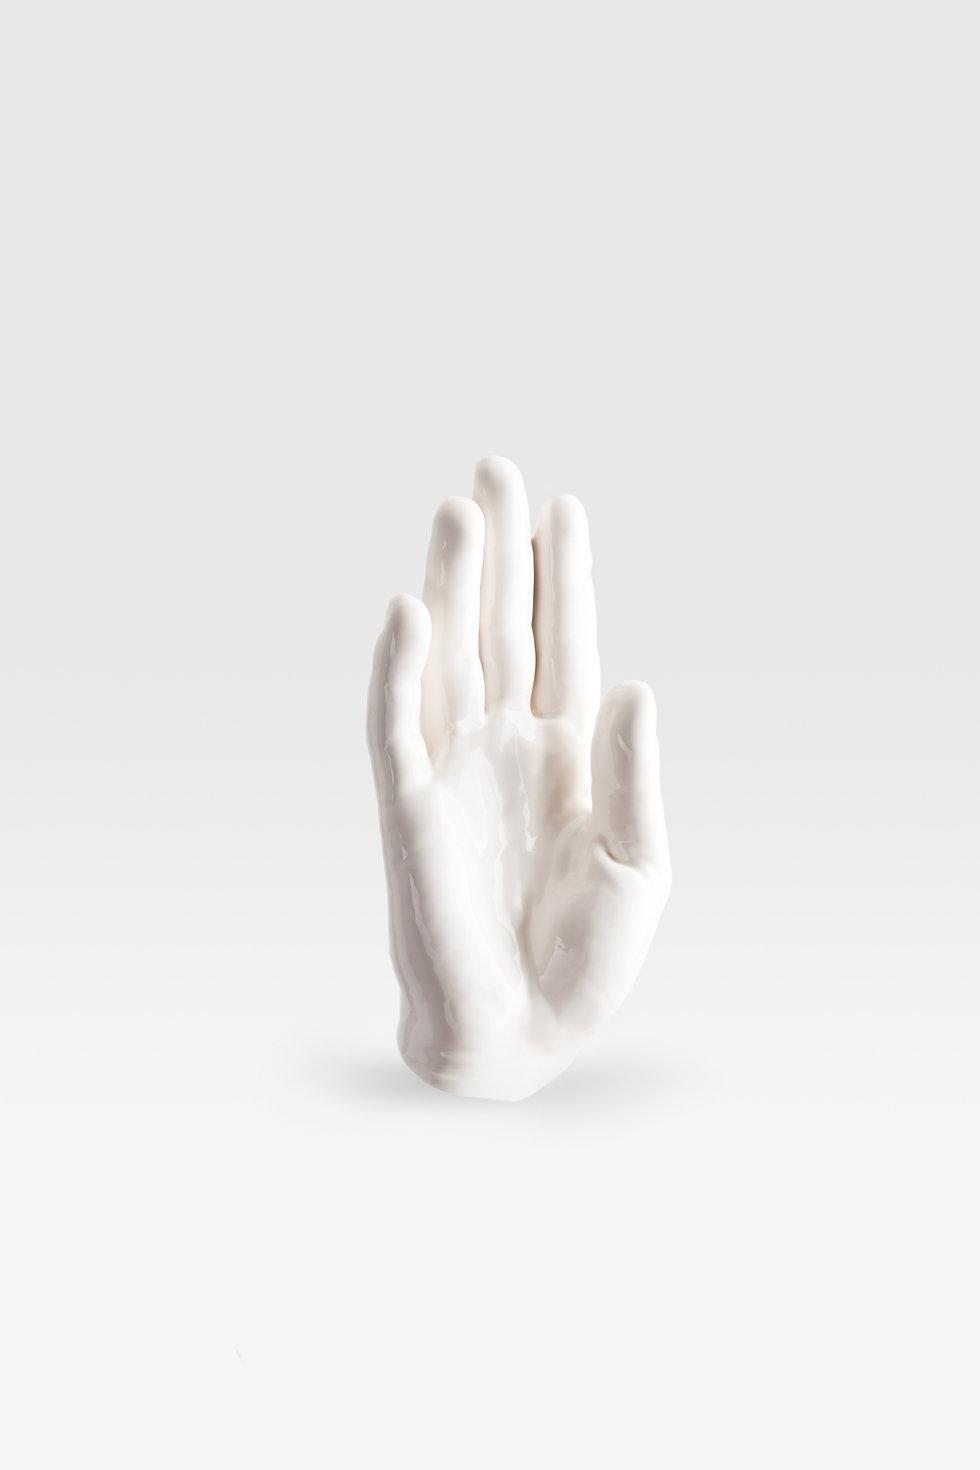 3D Hand Sculpture